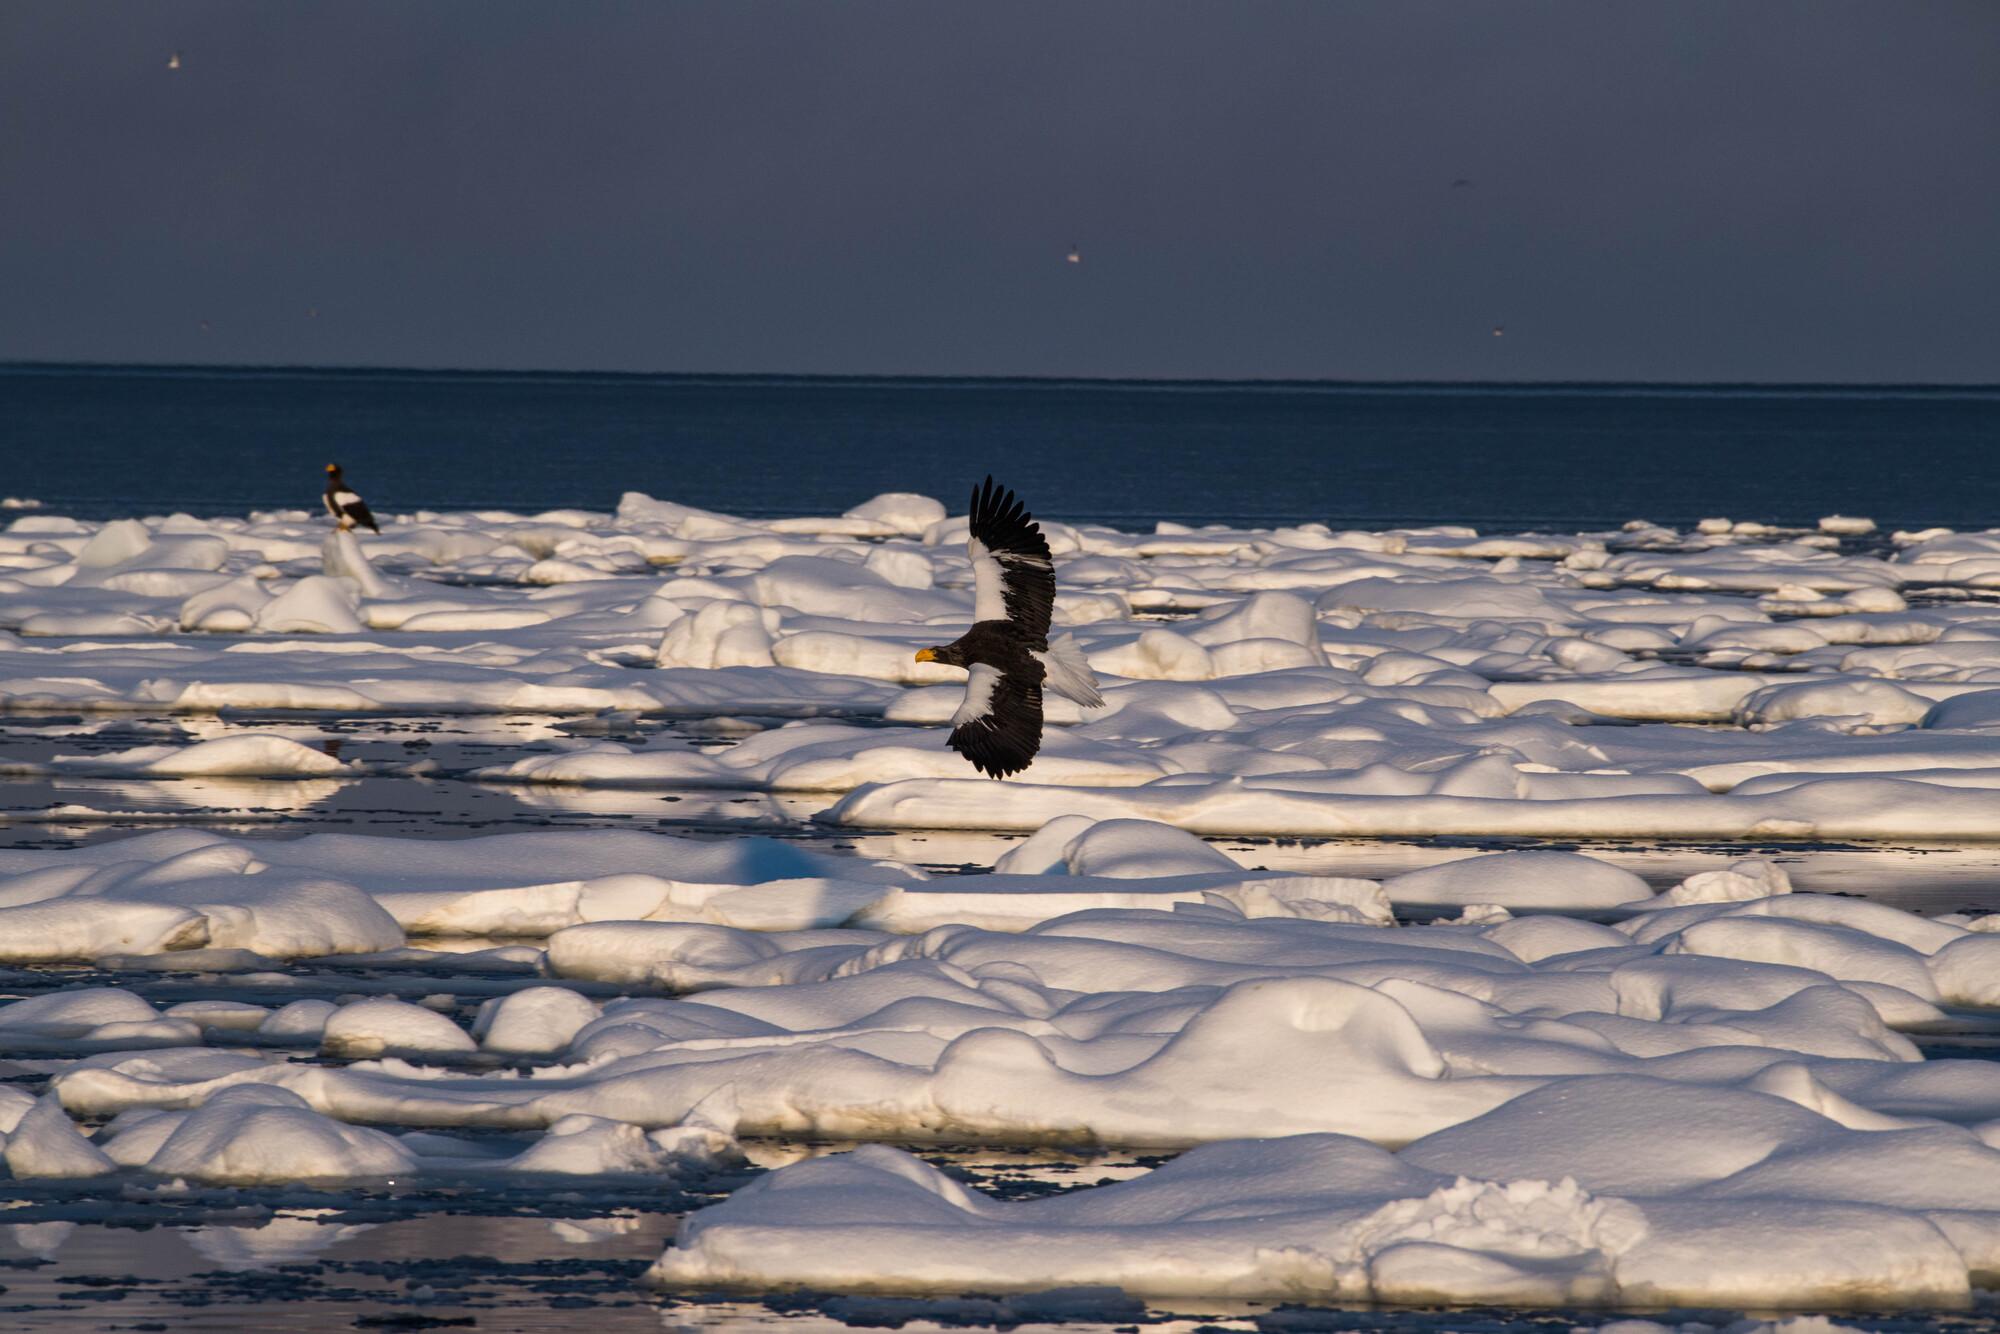 朝の流氷原を飛翔するオオワシ